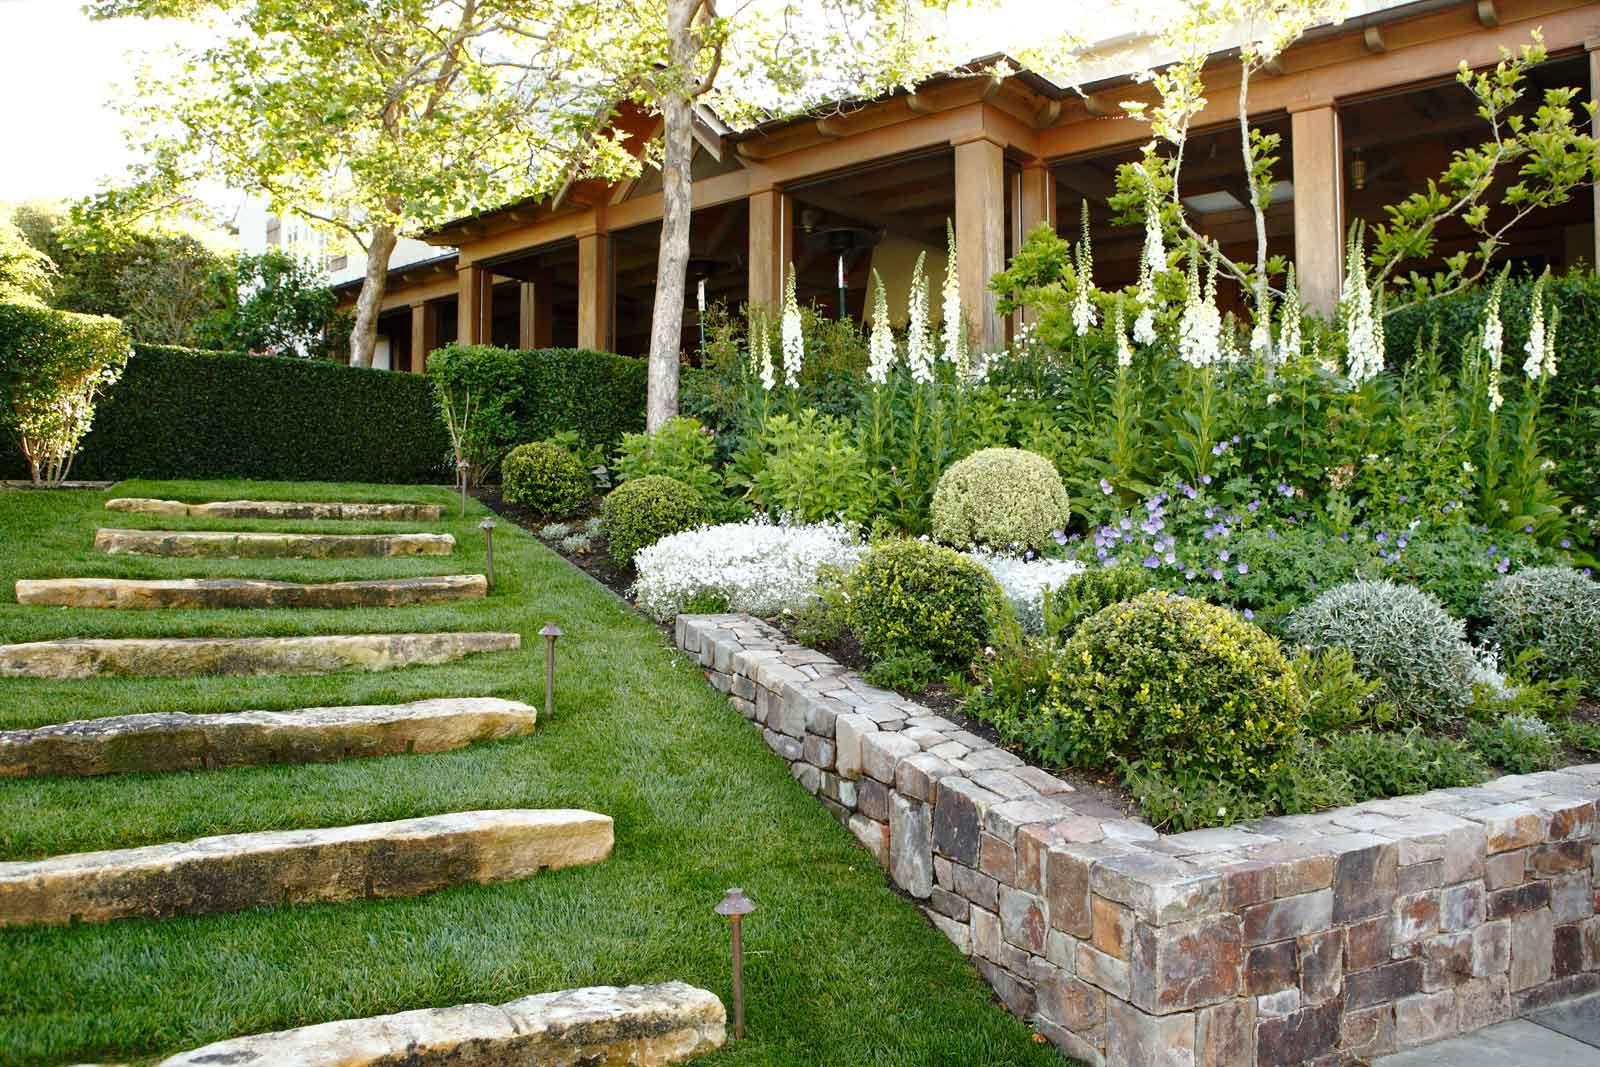 Classic Gardens And Landscape Denler hobart gardens classic gardens in california atherton denler hobart gardens classic gardens in california atherton woodside workwithnaturefo